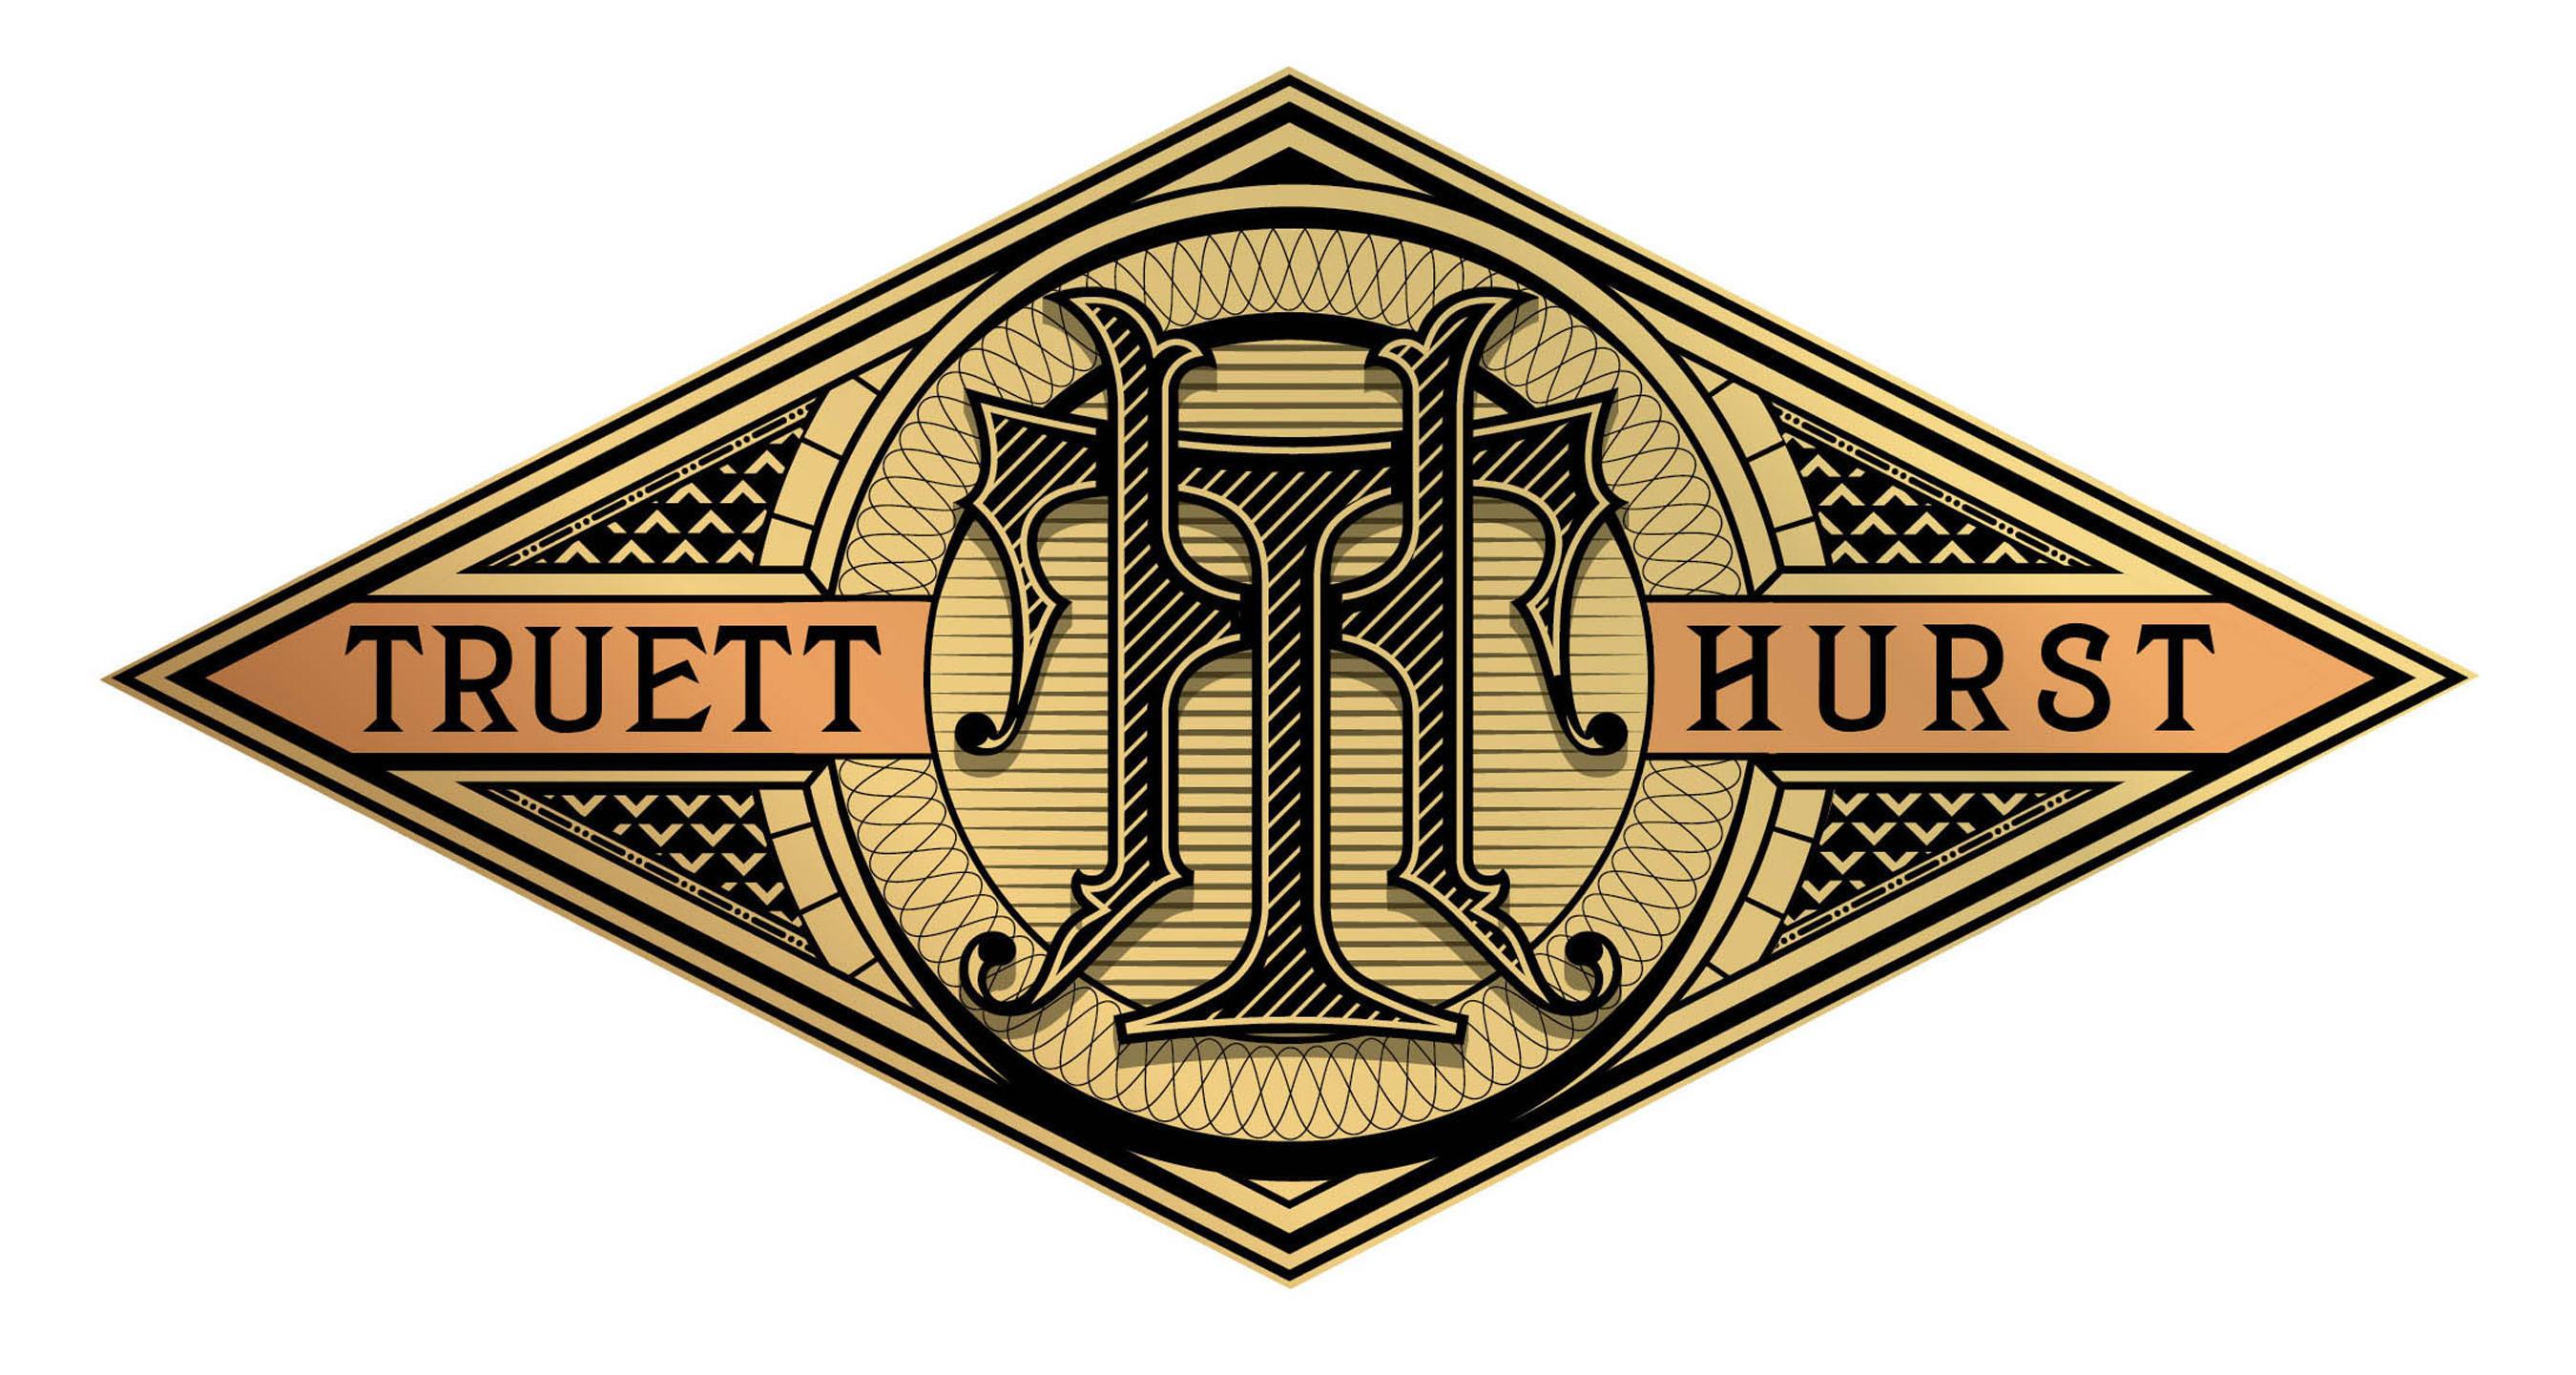 Truett-Hurst, Inc., www.truetthurstinc.com.